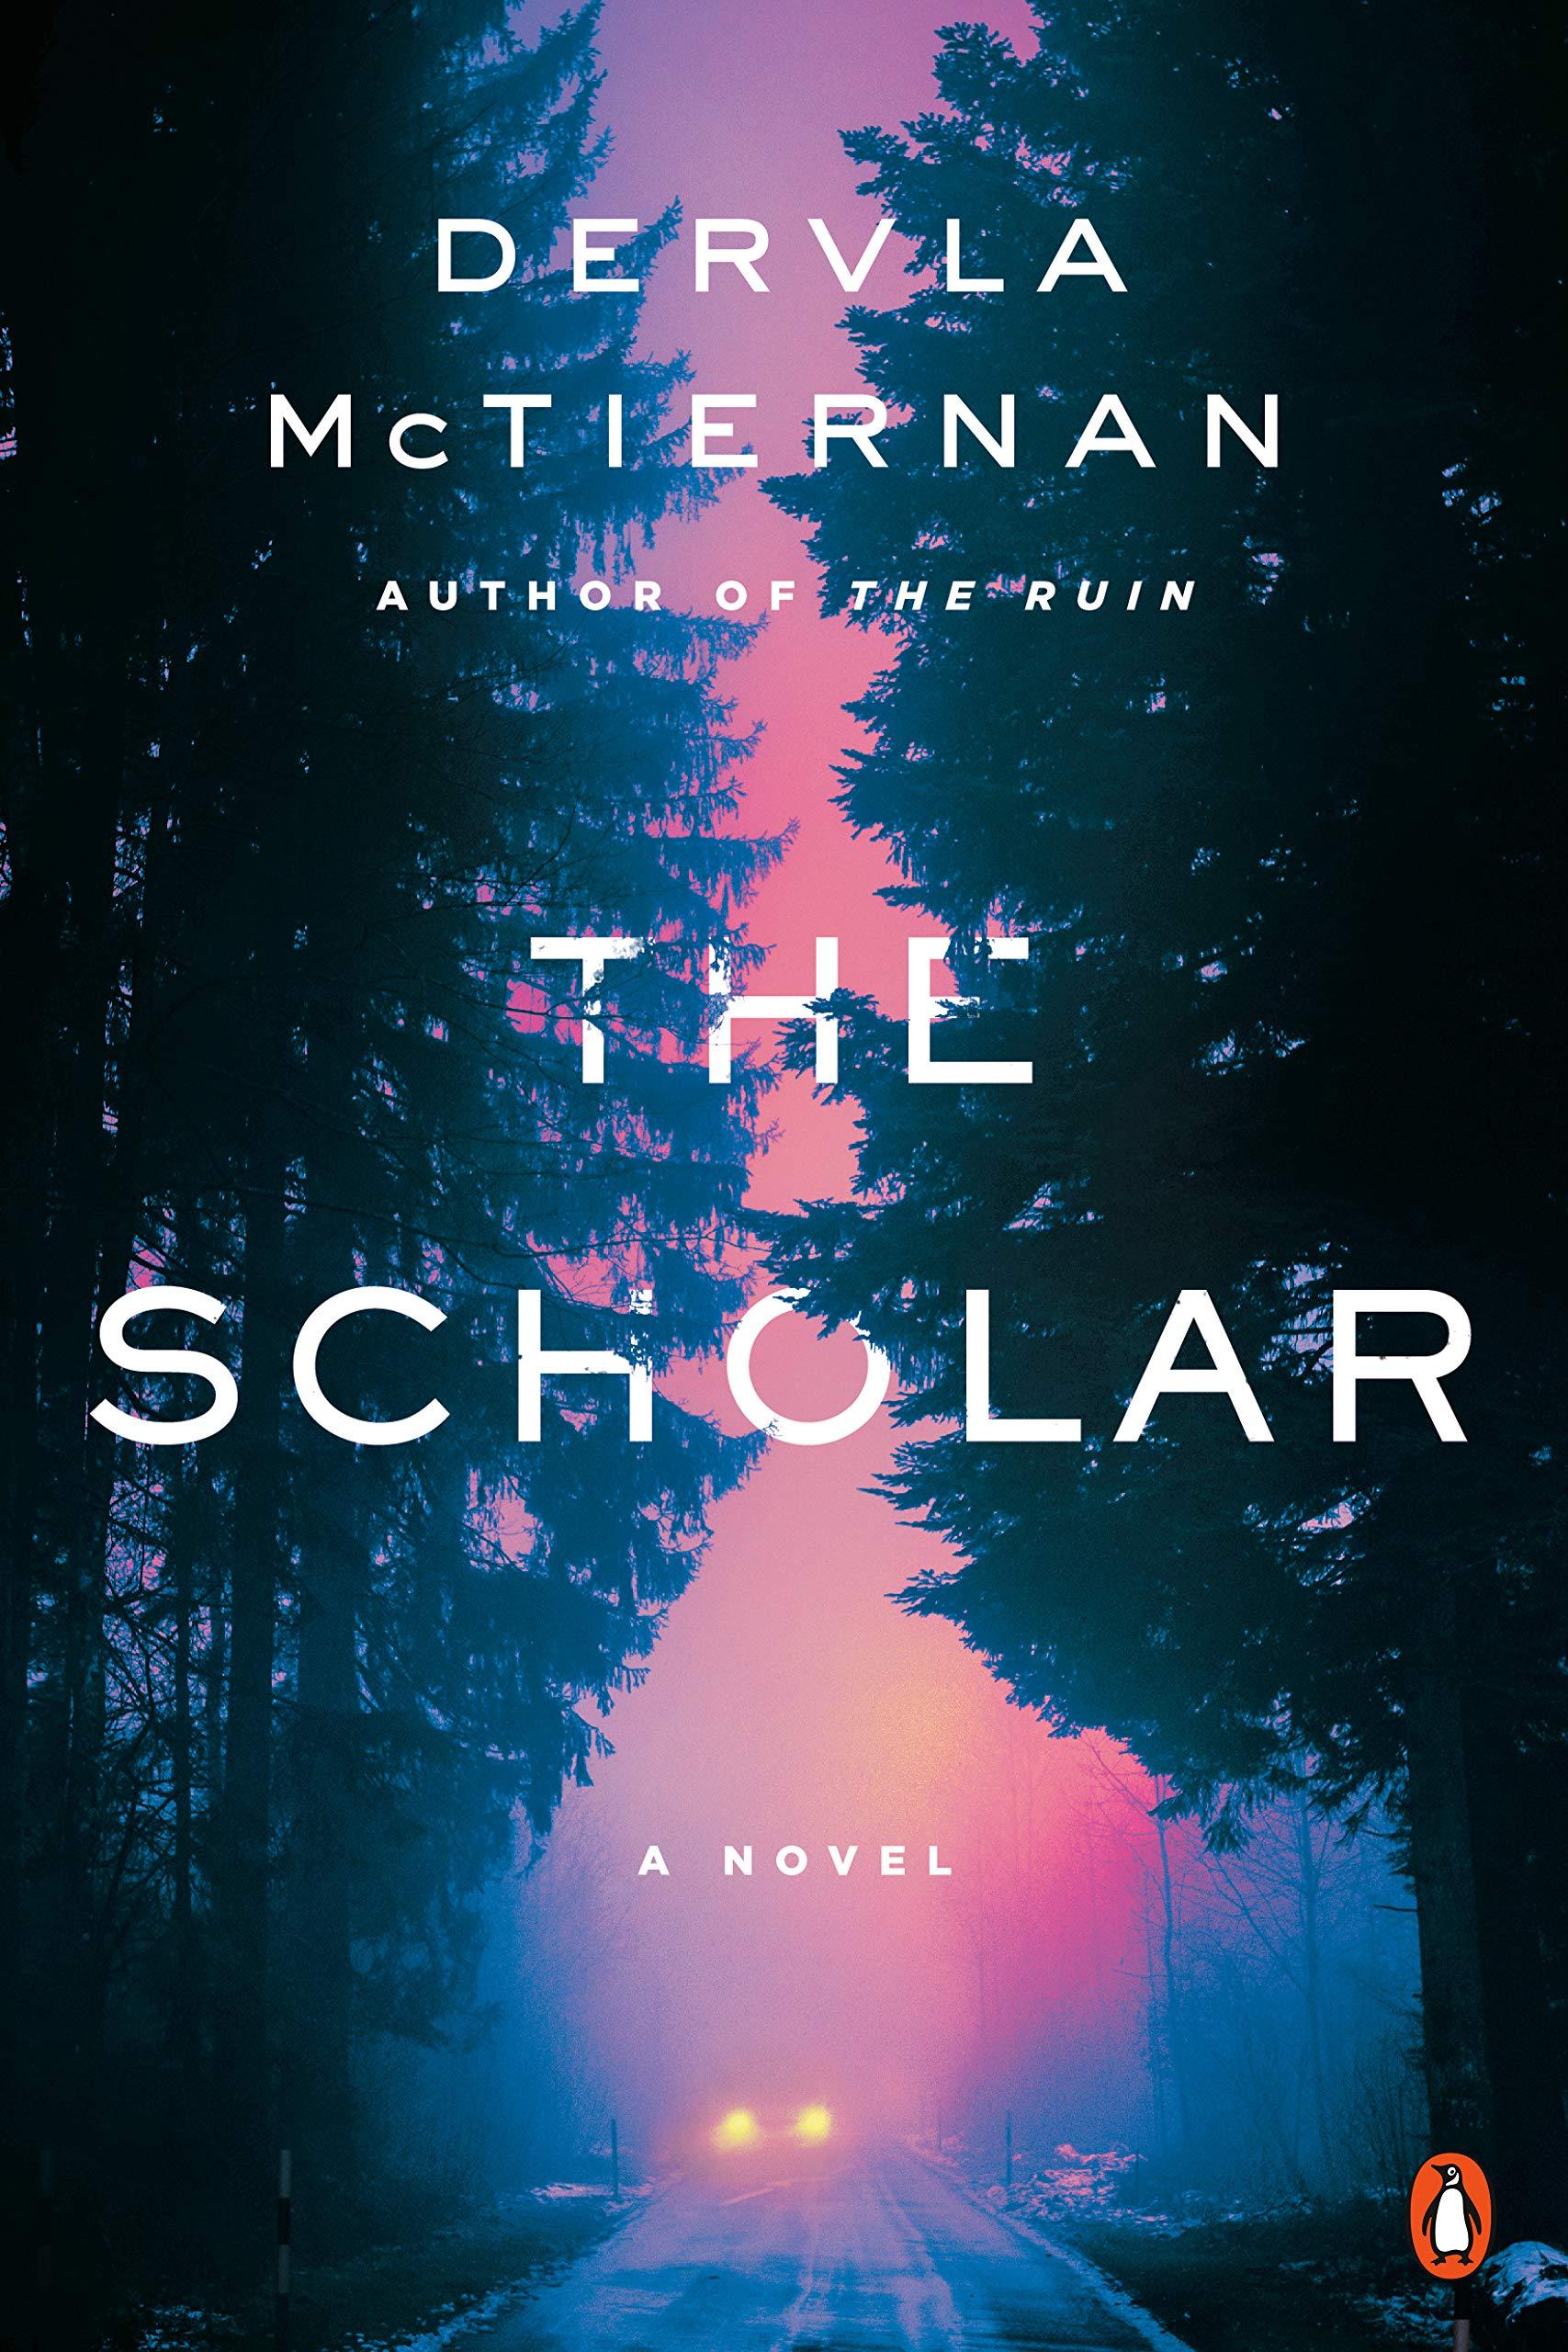 Amazon.com: The Scholar: A Novel (9780143133698): McTiernan ...